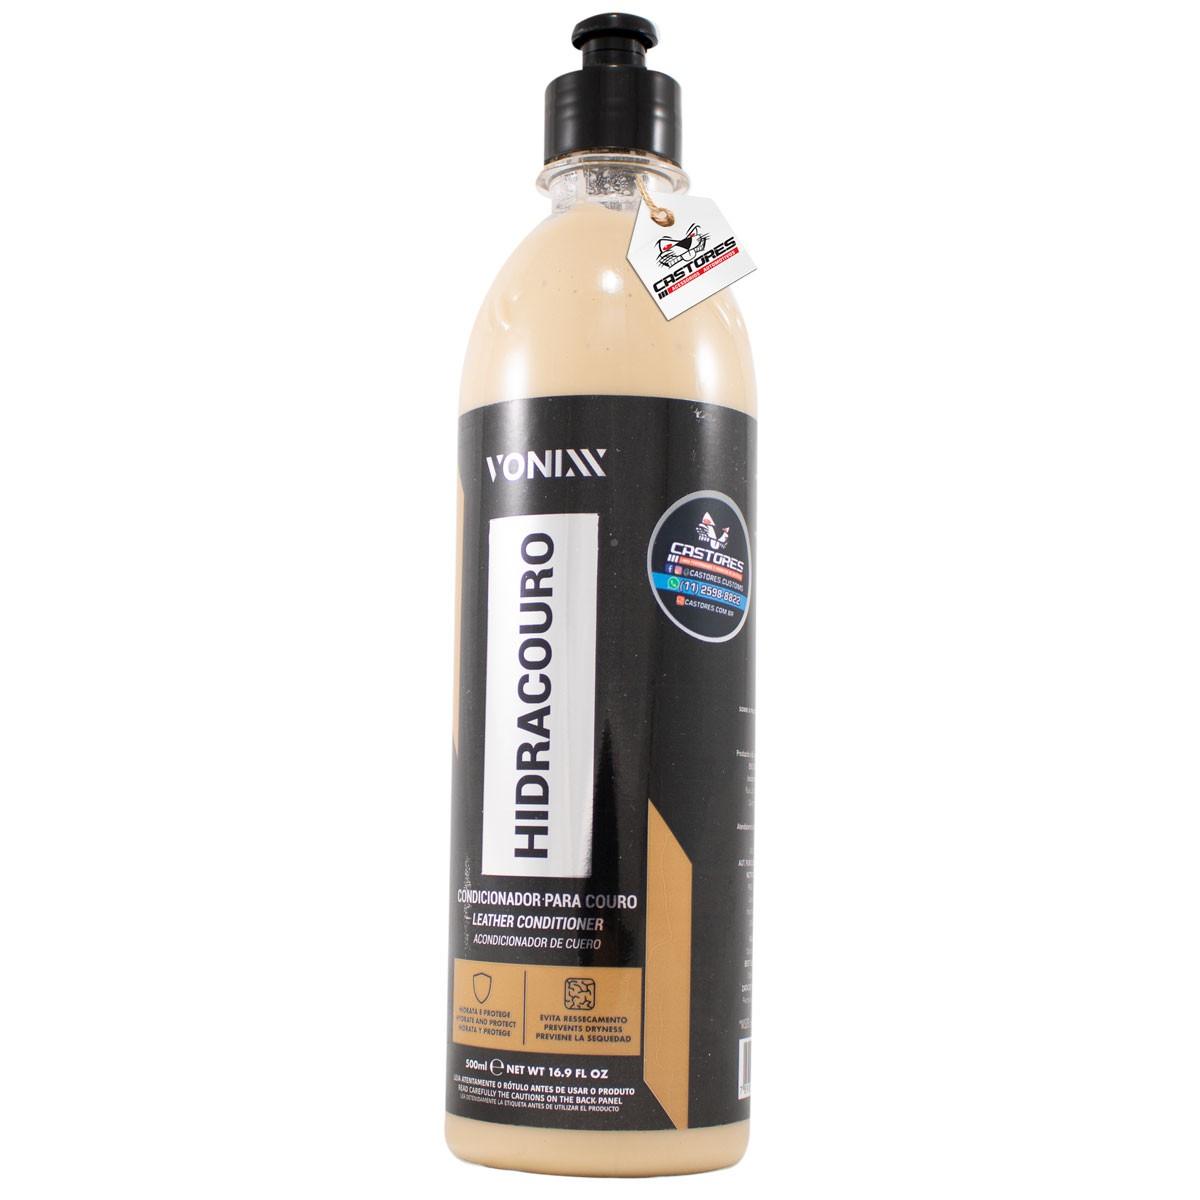 Hidracouro Hidratante De Couro Vonixx 500ml